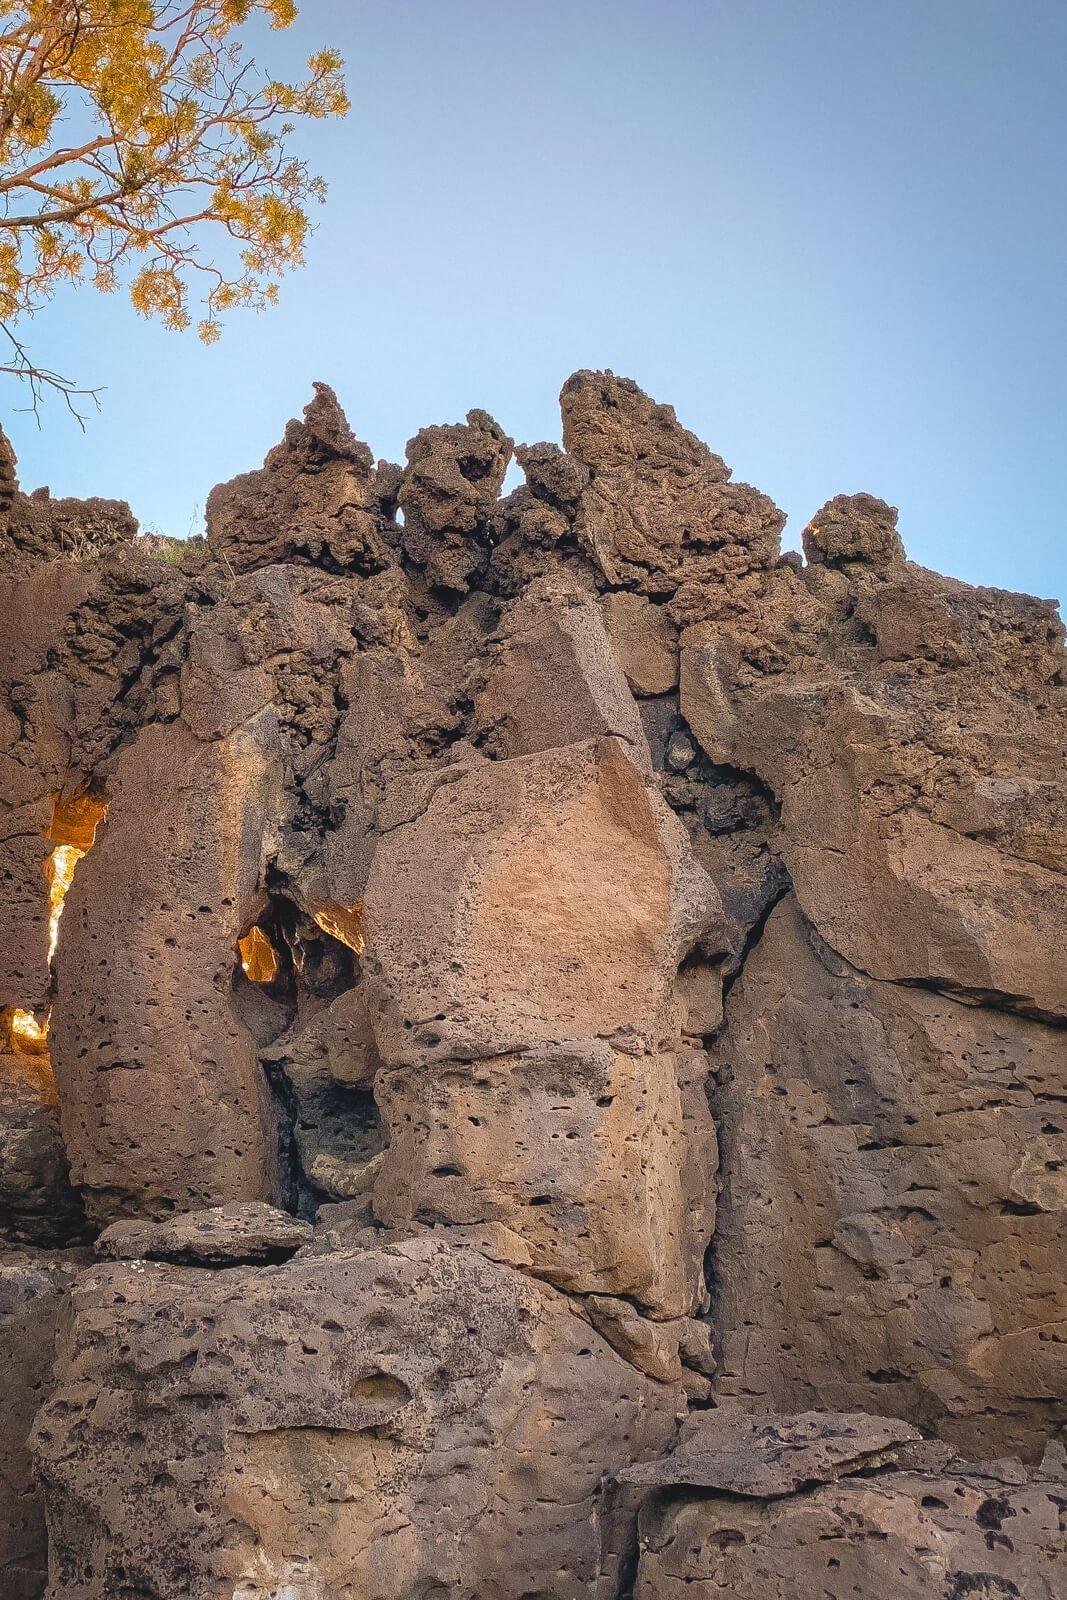 Flatiron rock formation at sunset.